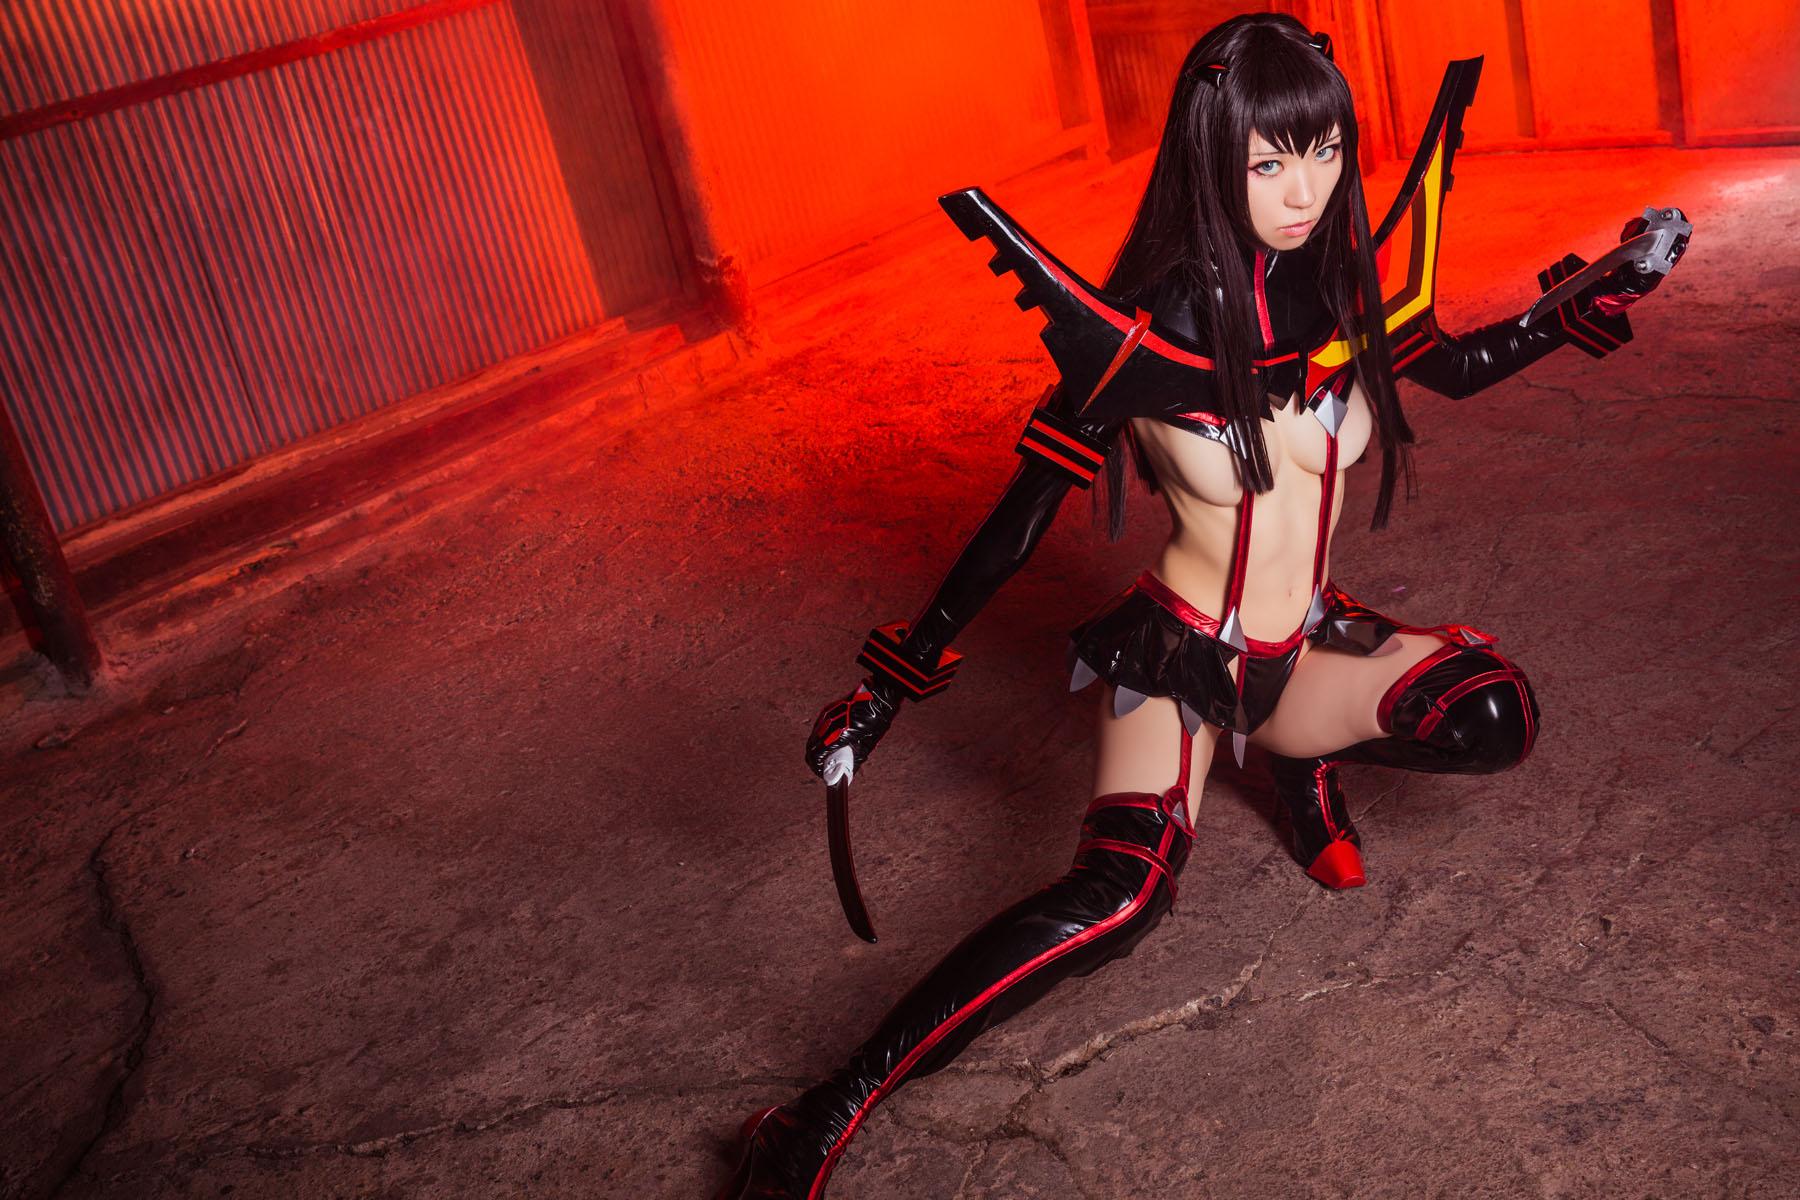 Kill la Kill Satsuki Kiryuuin anime cosplay by Mikehouse 0019